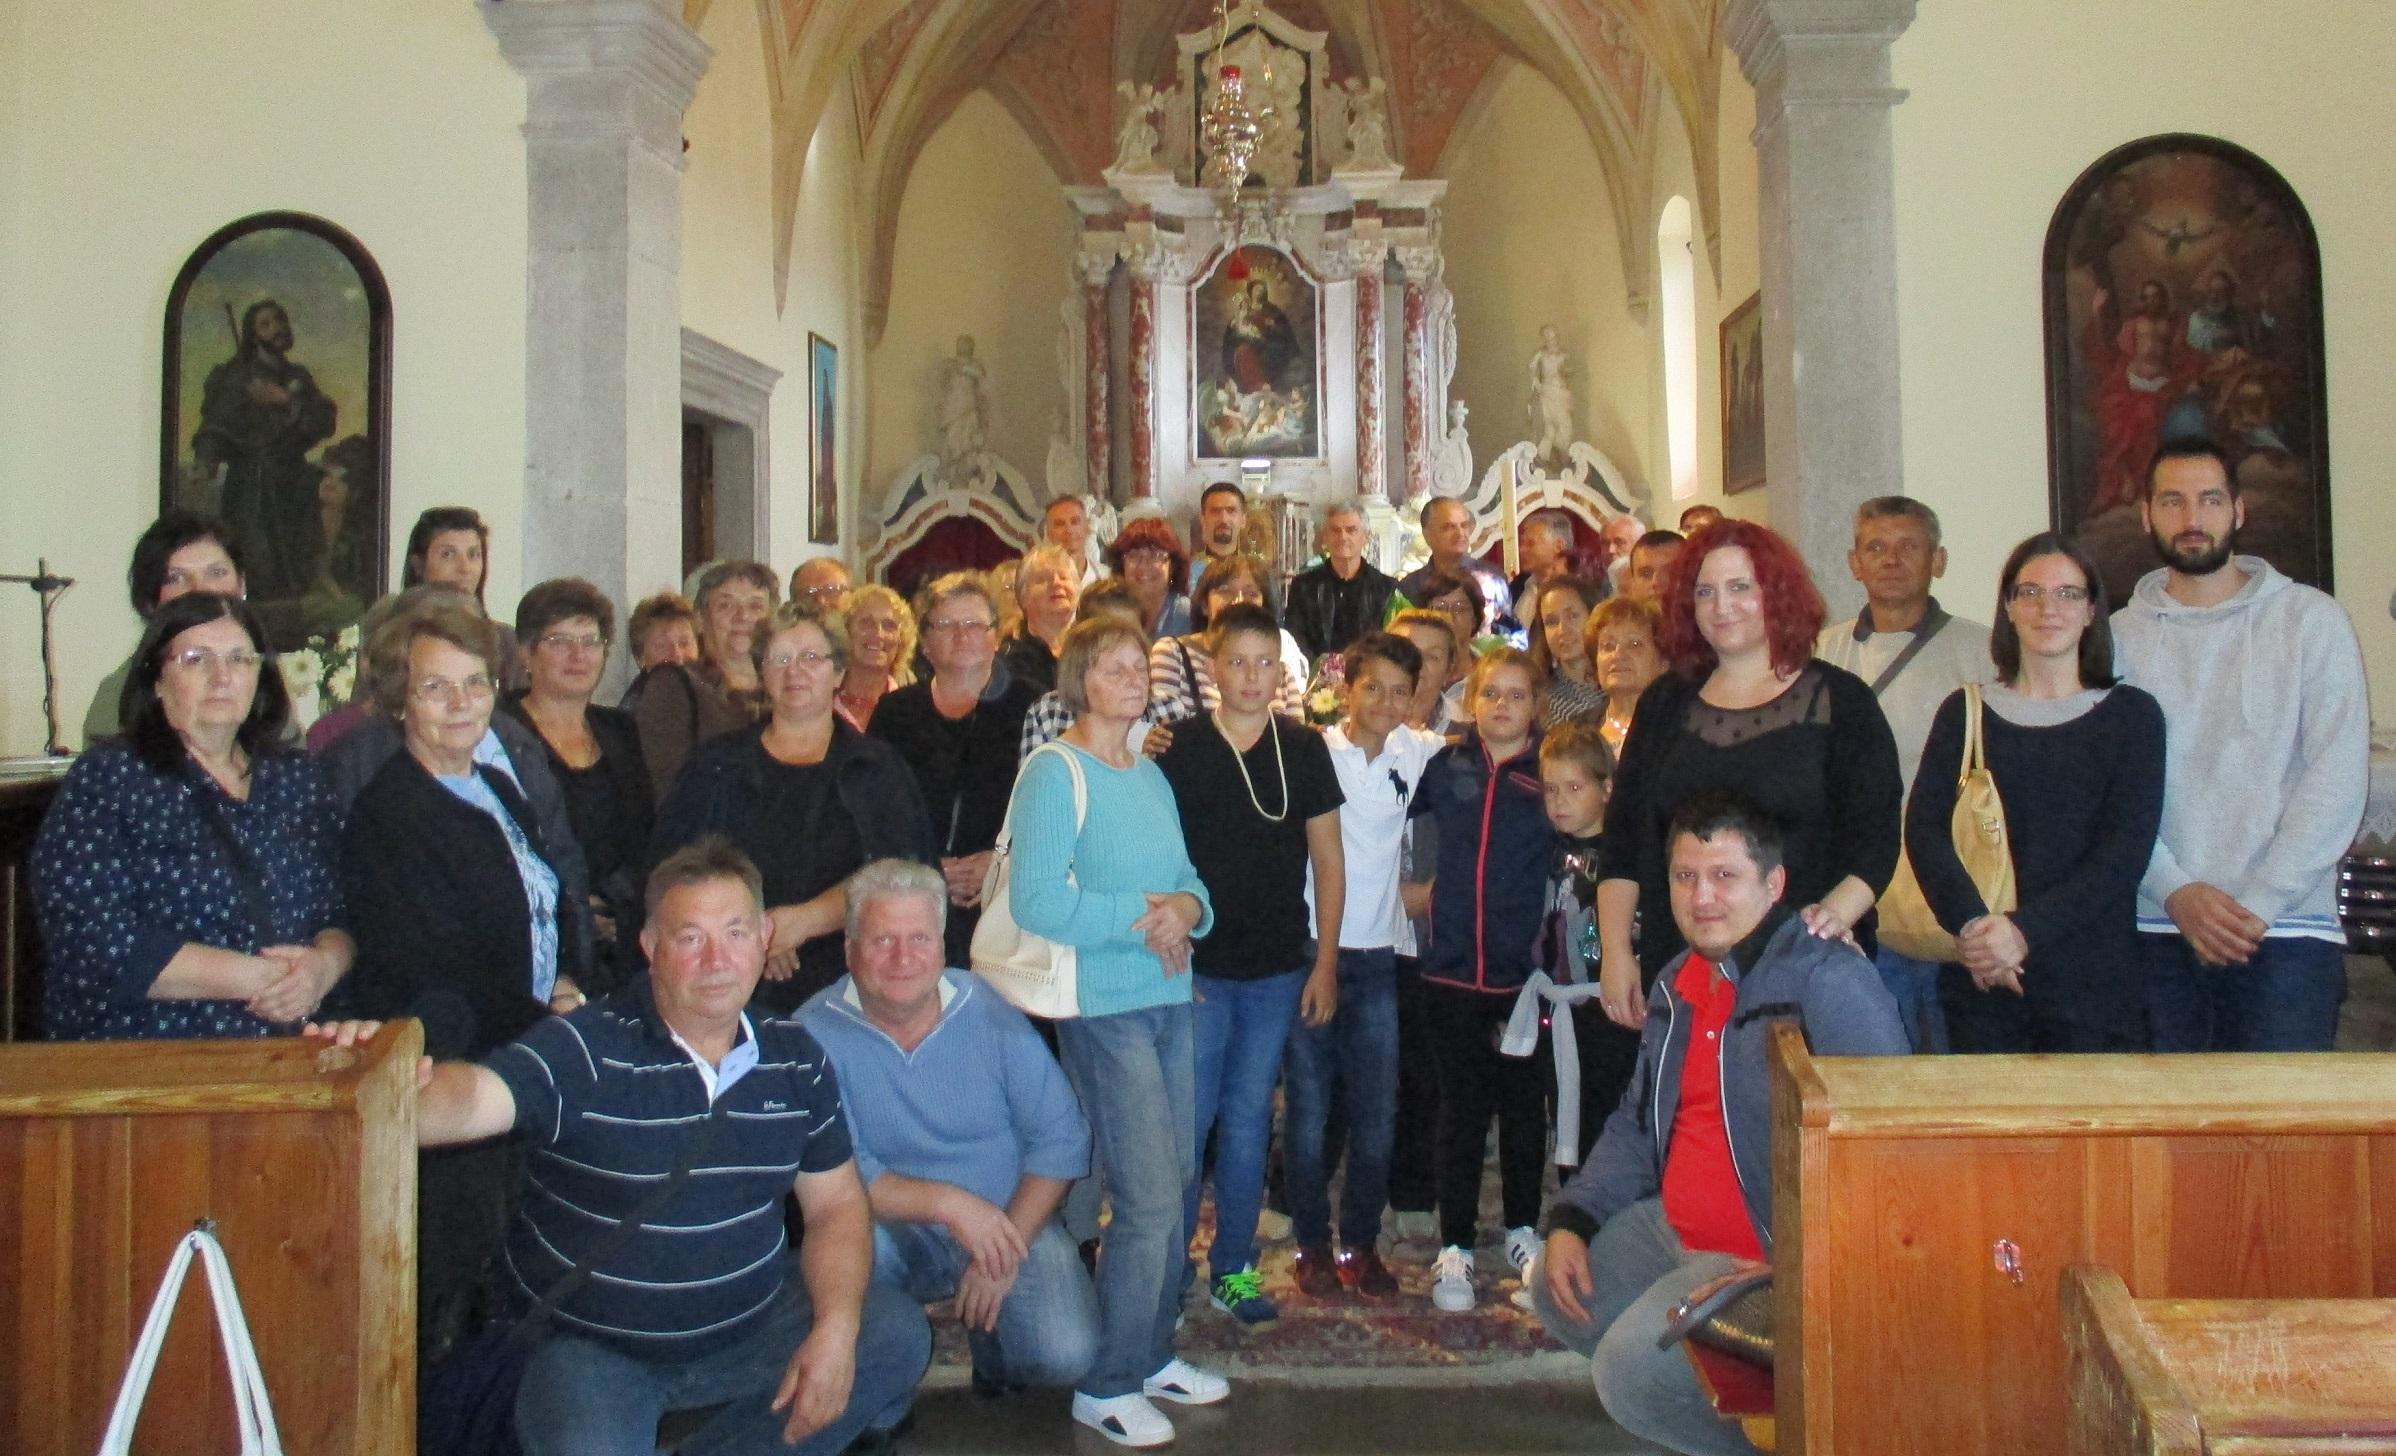 Hrvatska grkokatolička liturgija u talijanskom svetištu Monrupino kod Trsta